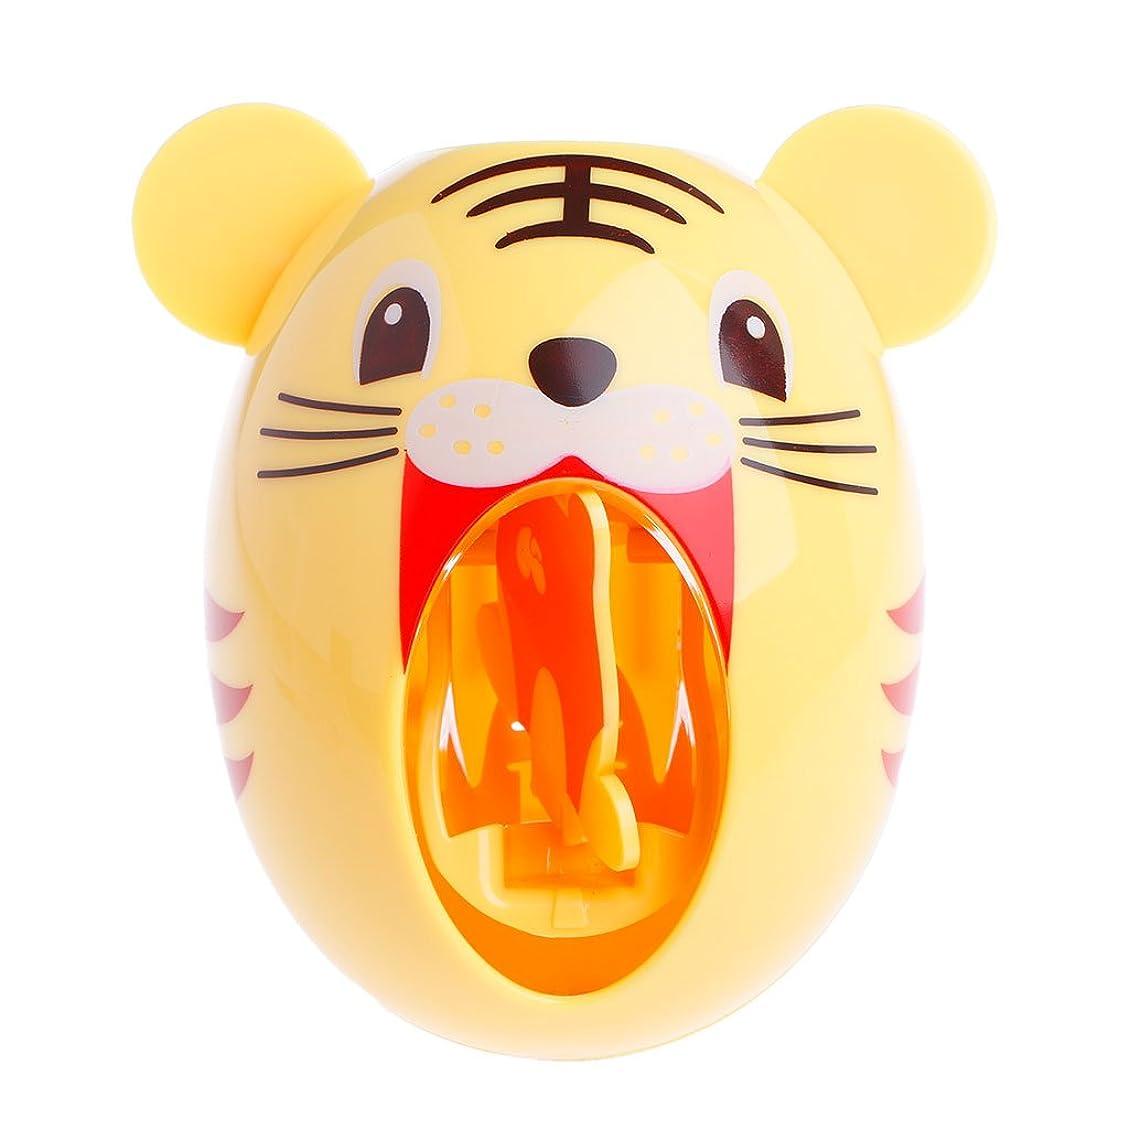 アノイ兵器庫毎日Lamdooキッズかわいい漫画の動物デザイン歯ブラシホルダー自動歯磨き粉ディスペンス